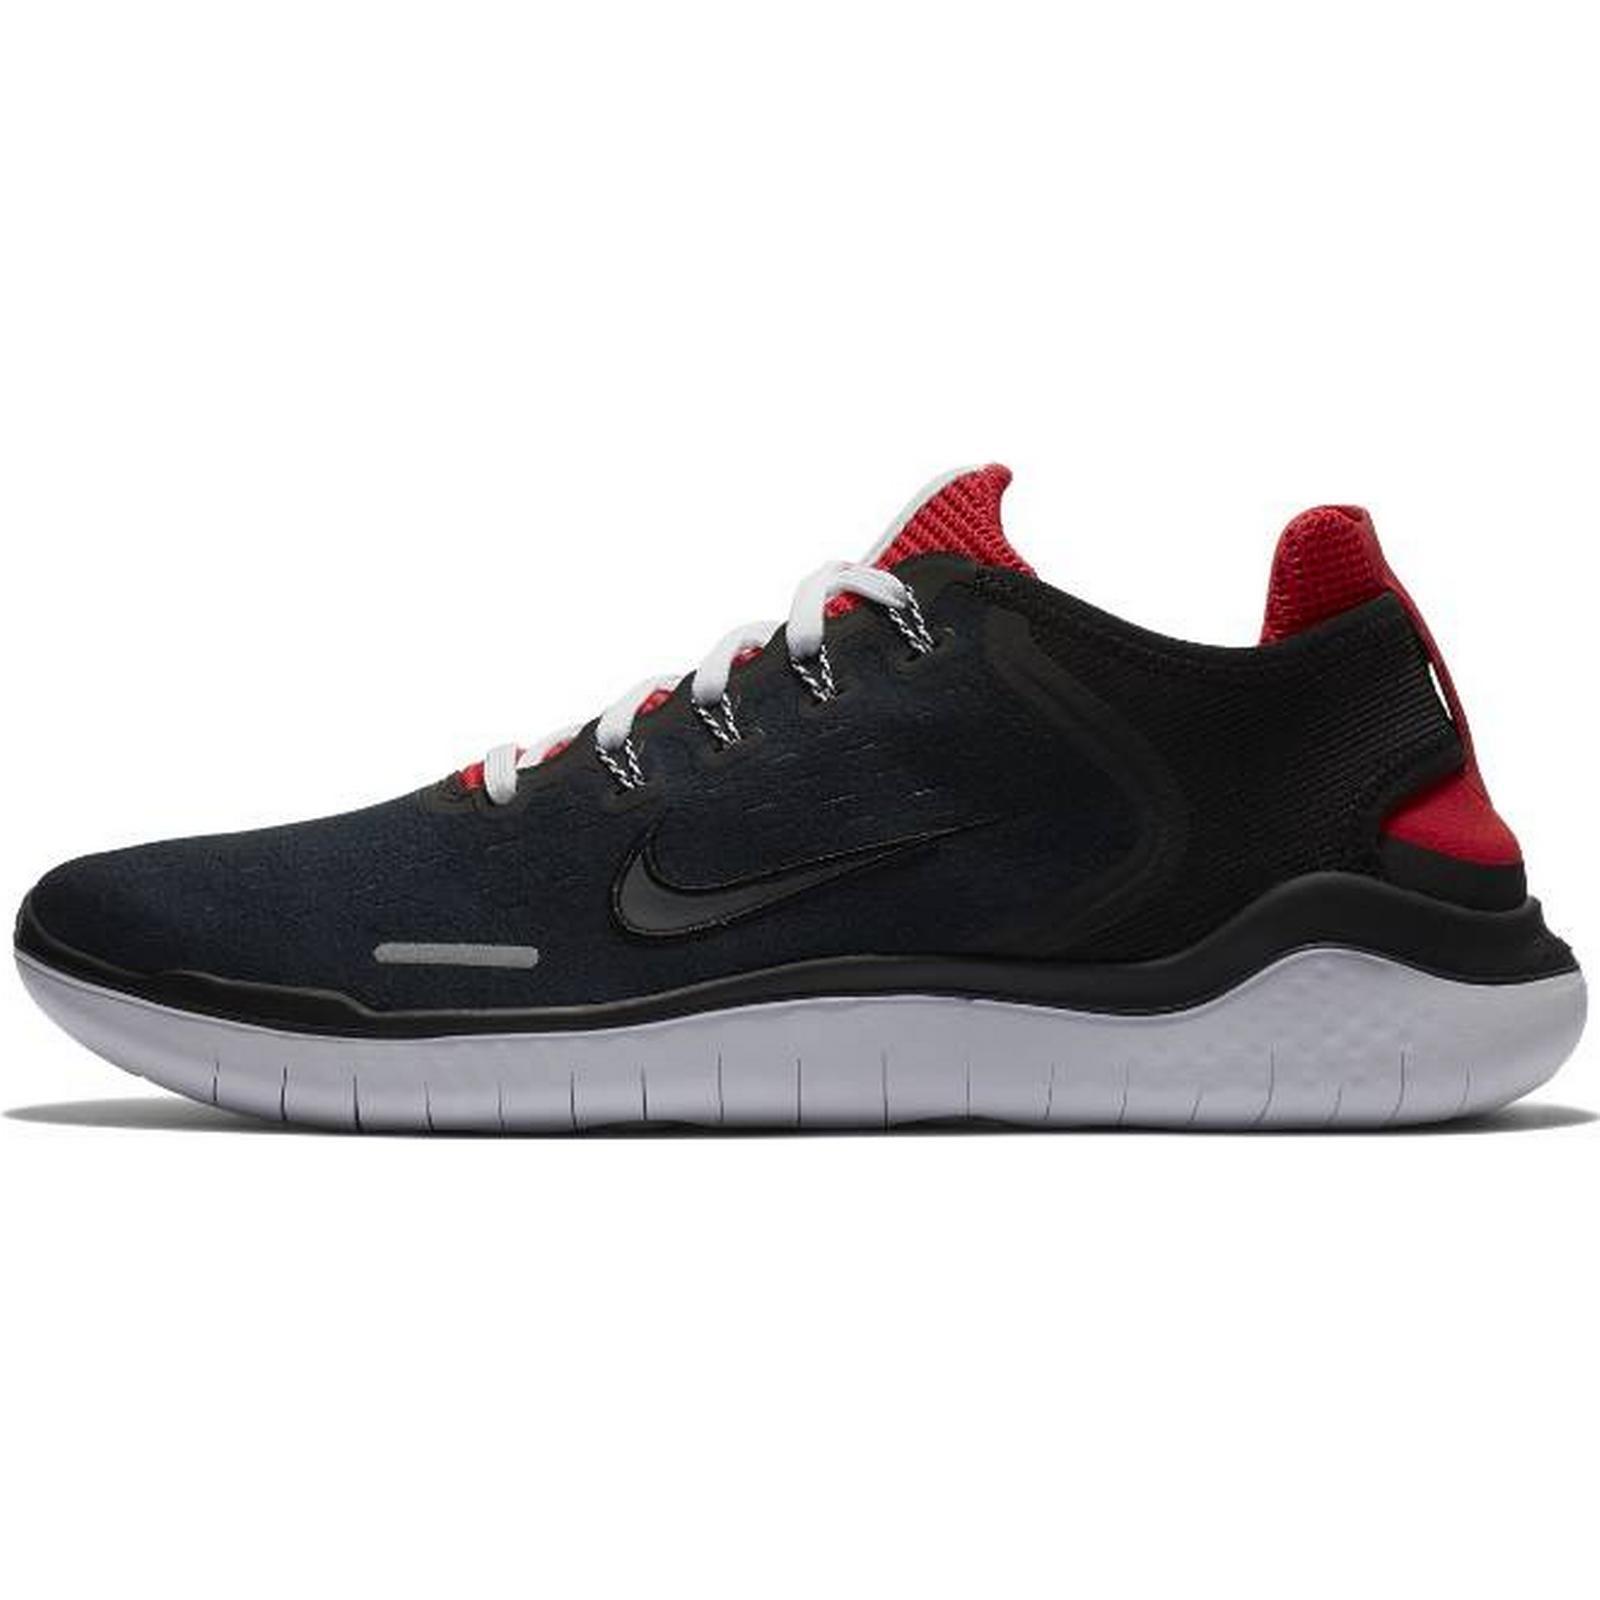 Mr/Ms < Biegania NIKE Męskie Buty Do Biegania < Nike Free RN 2018 DNA < practical f3e798